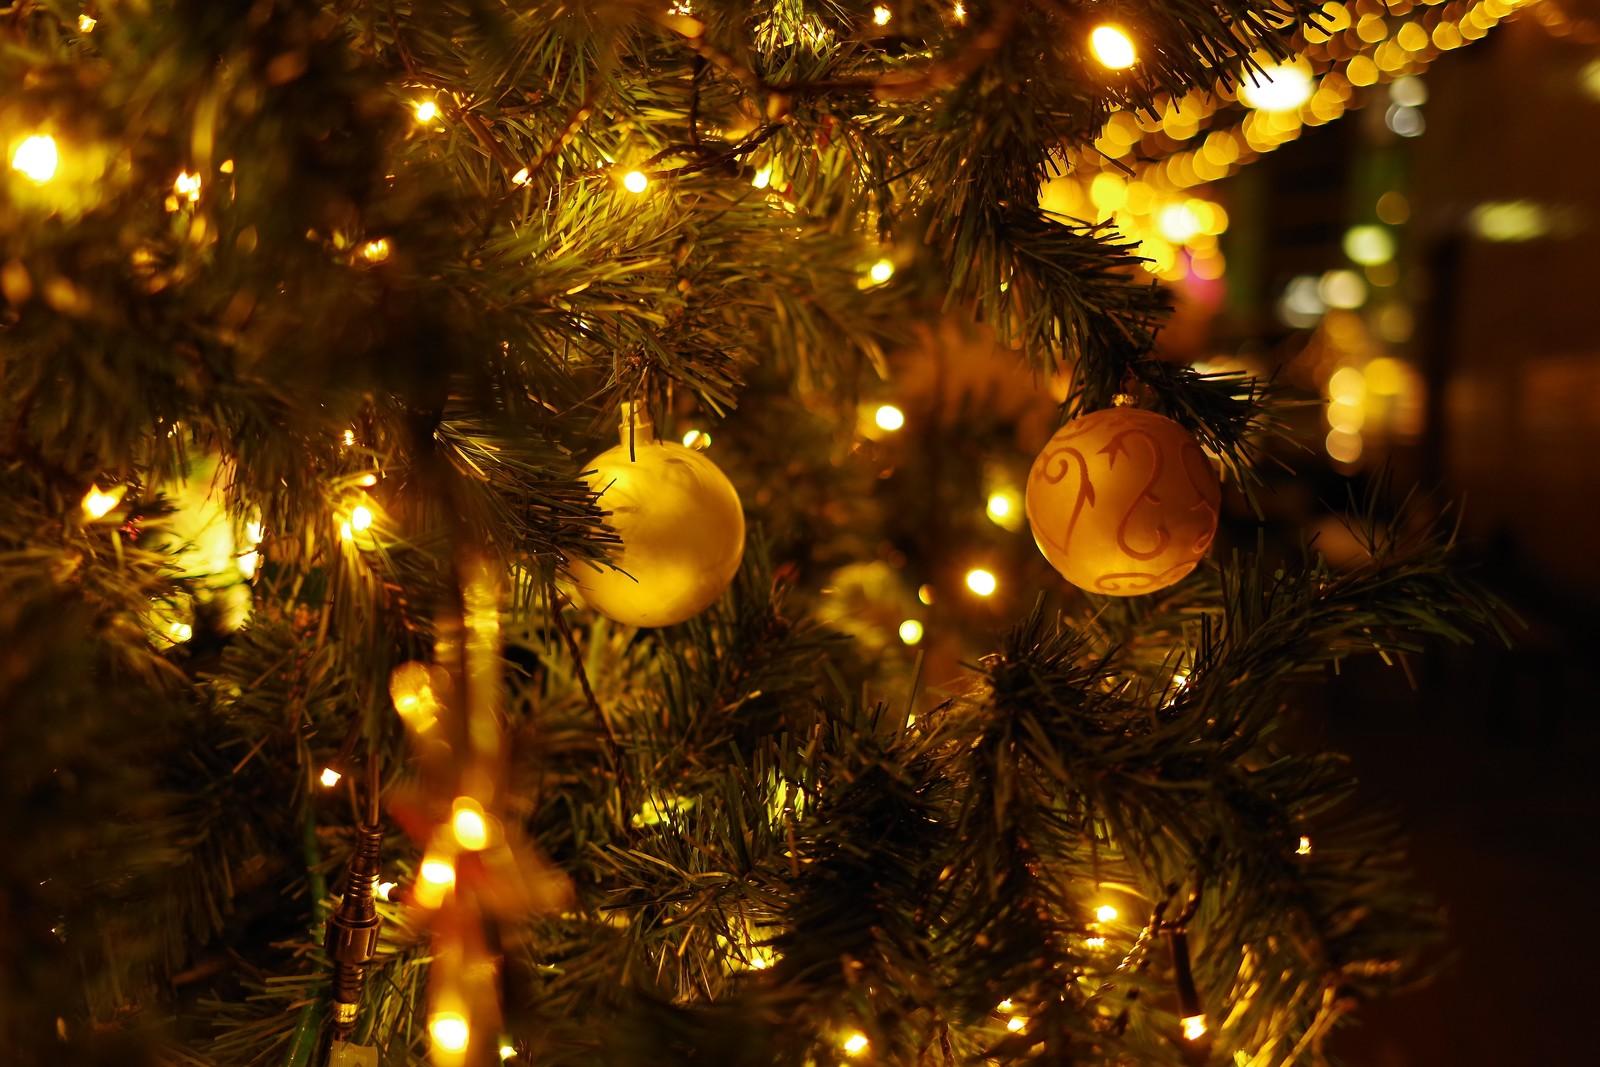 「静岡県浜松市 不倫調査] クリスマスは不倫相手とXX